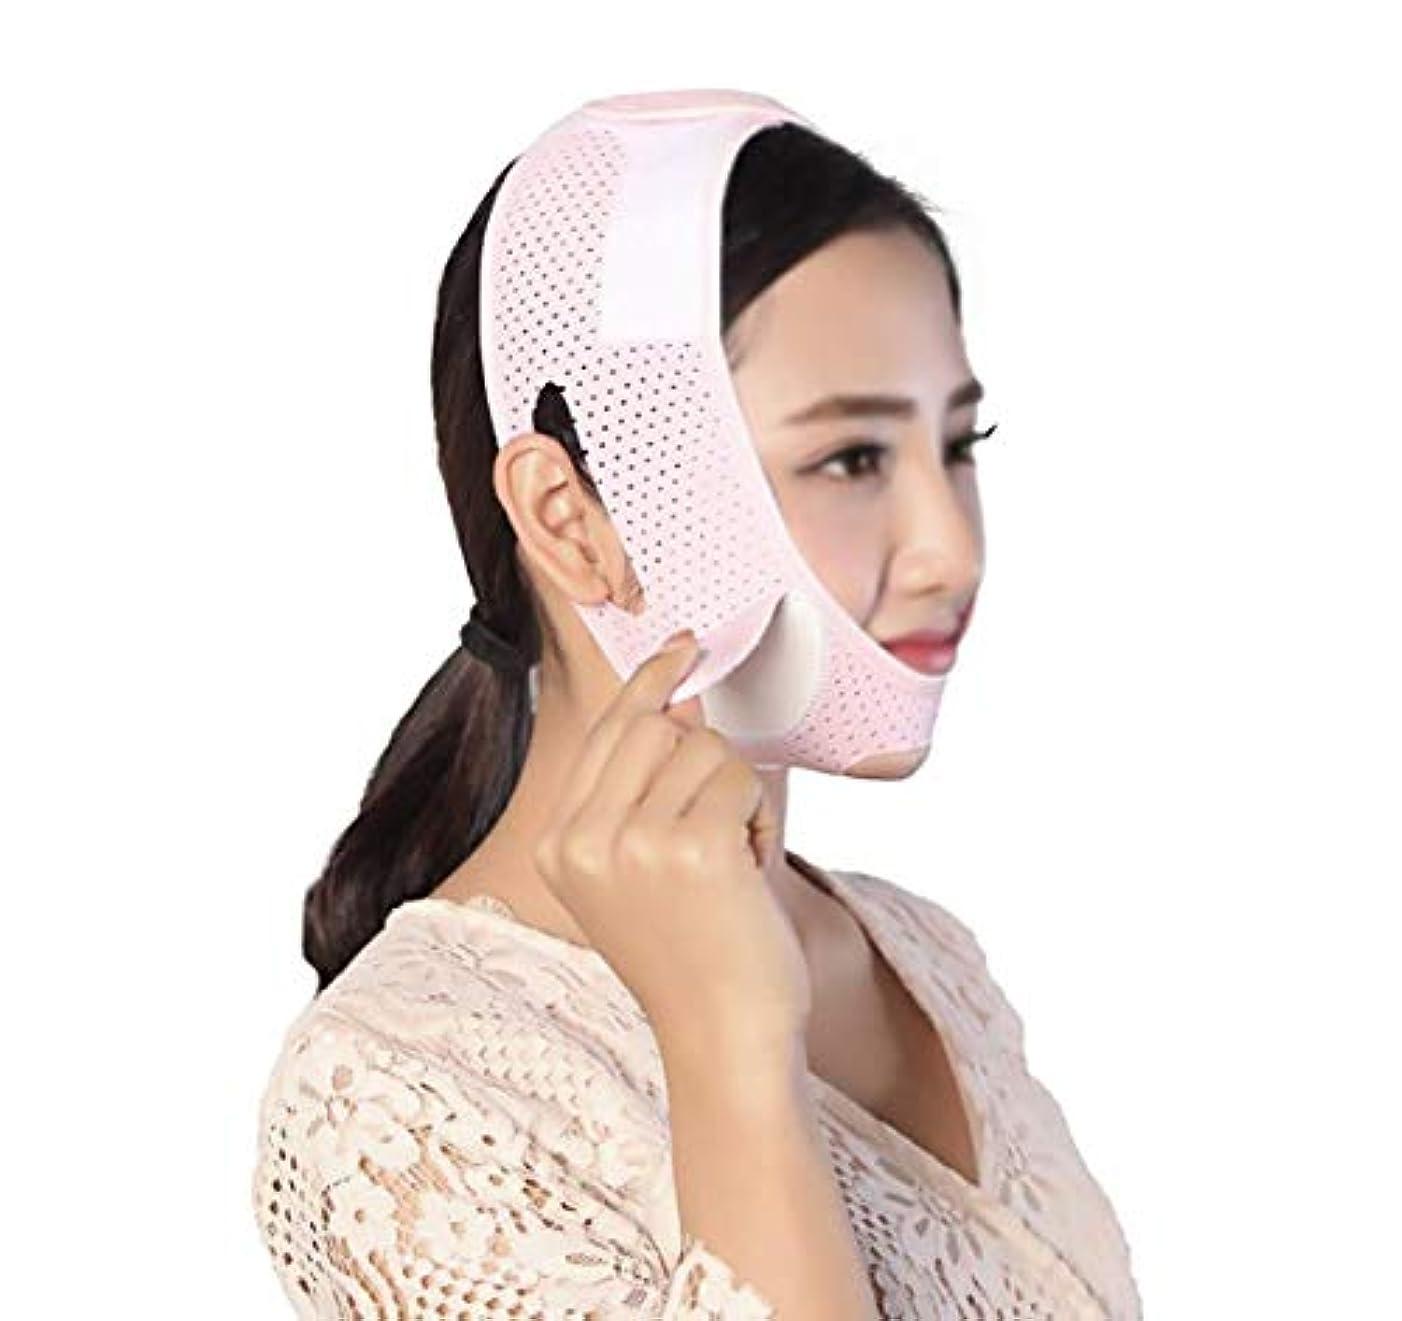 異形百ヒロイック顔と首を持ち上げる術後弾性セットVフェイスマスクは、チンV顔アーティファクト回復サポートベルトの収縮の調整を強化します。